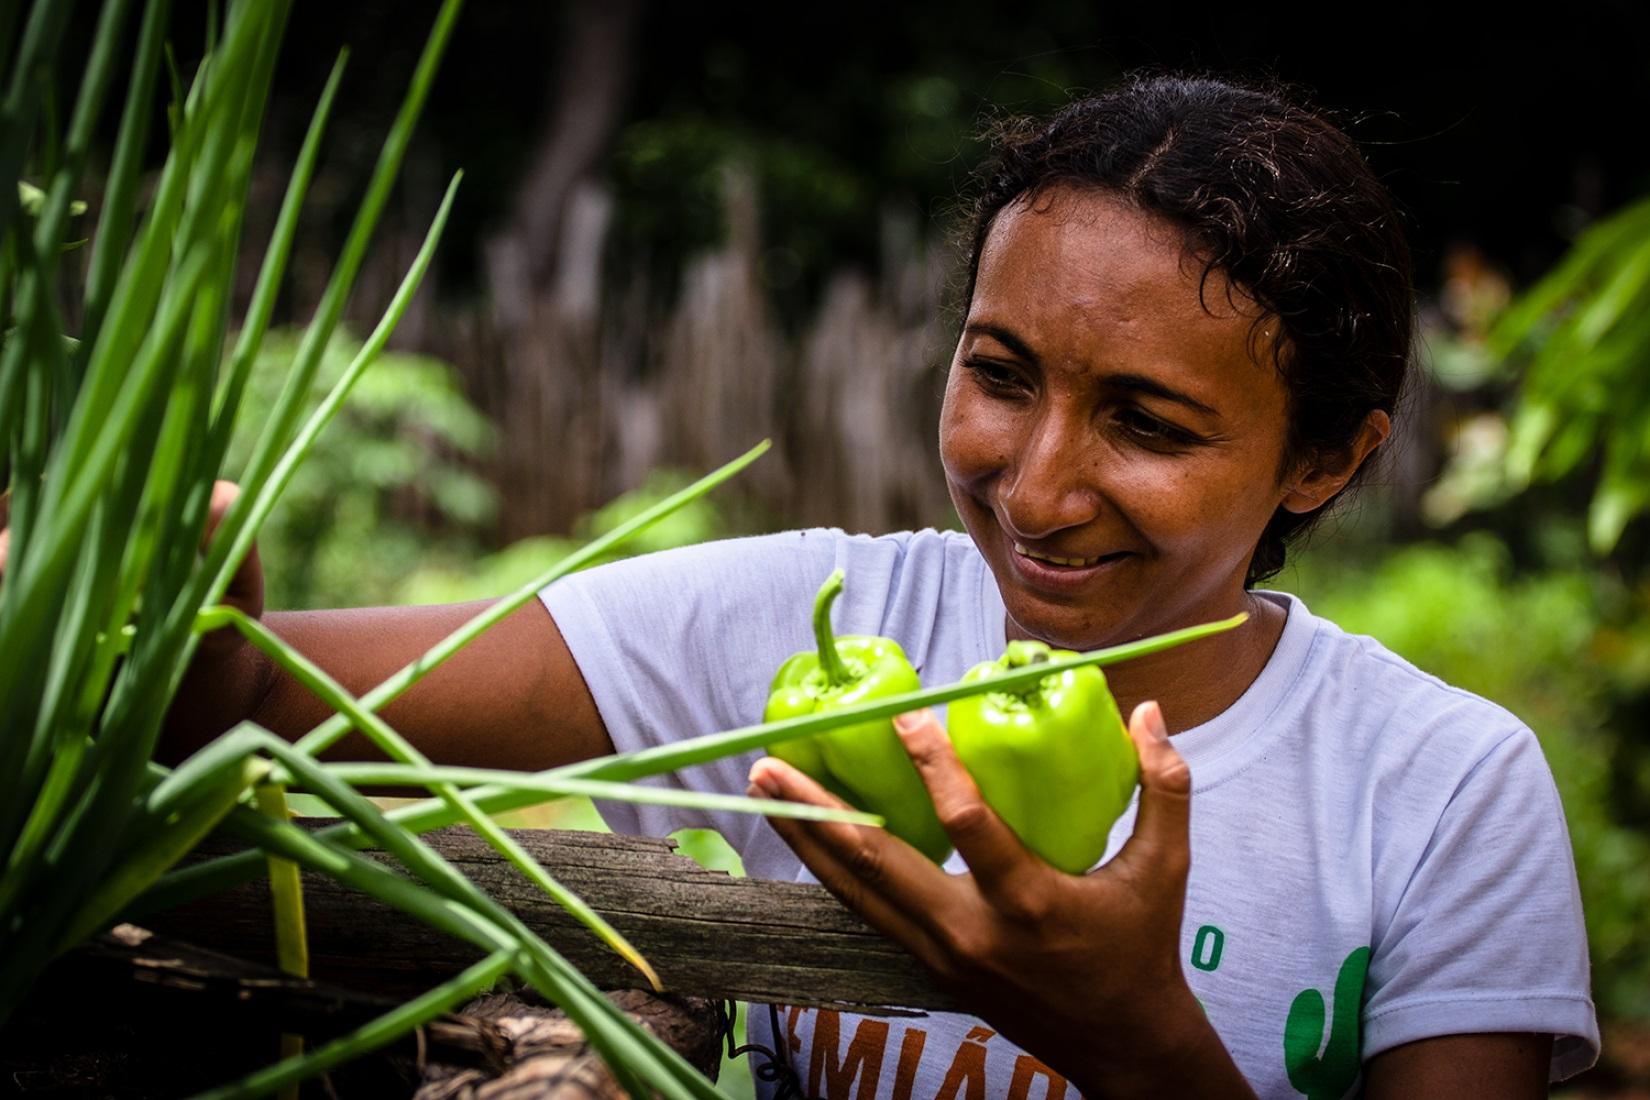 Produzindo alimentos no quintal, moradora do Piauí vira referência gastronômica